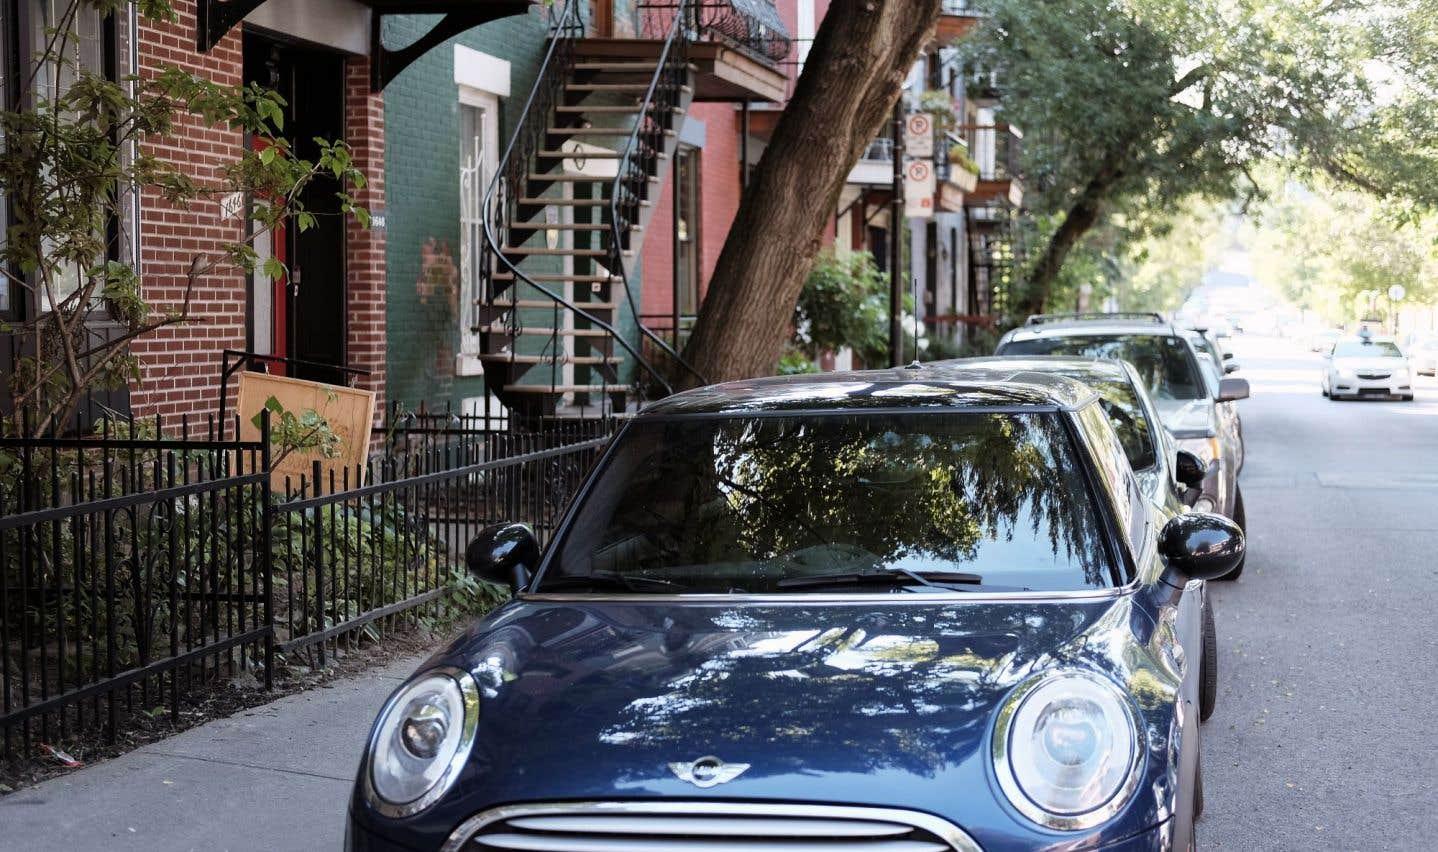 Lancée dès 2009 à San Francisco, Turo propose depuis avril2016 aux Québécois de louer leur voiture à des particuliers à travers quelque 150 villes dans la province, et 300 à travers tout le pays.